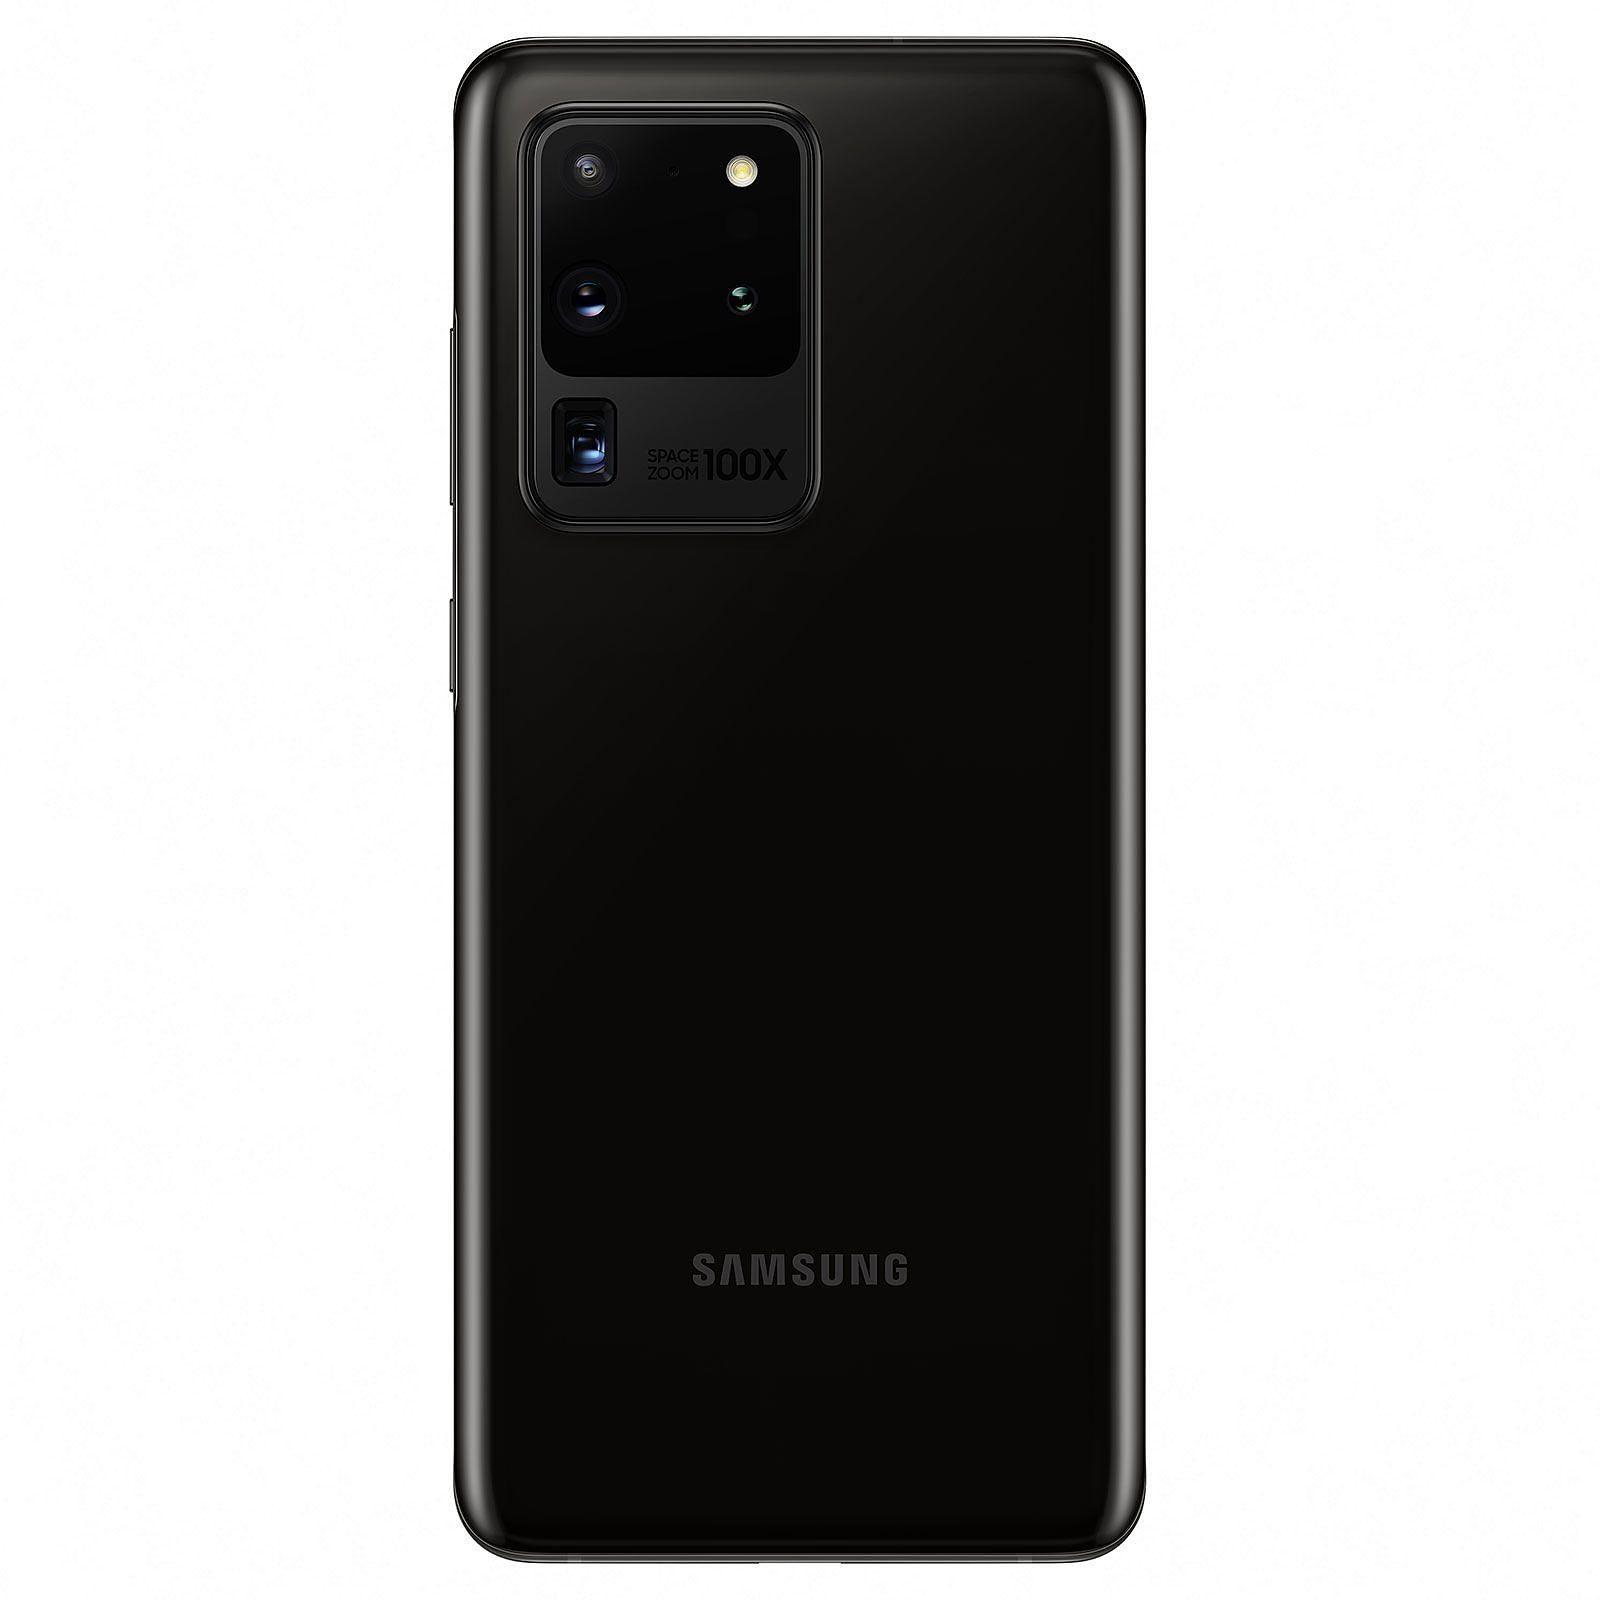 Samsung Galaxy S20 ultra noir 128Go - Téléphonie Samsung - 1